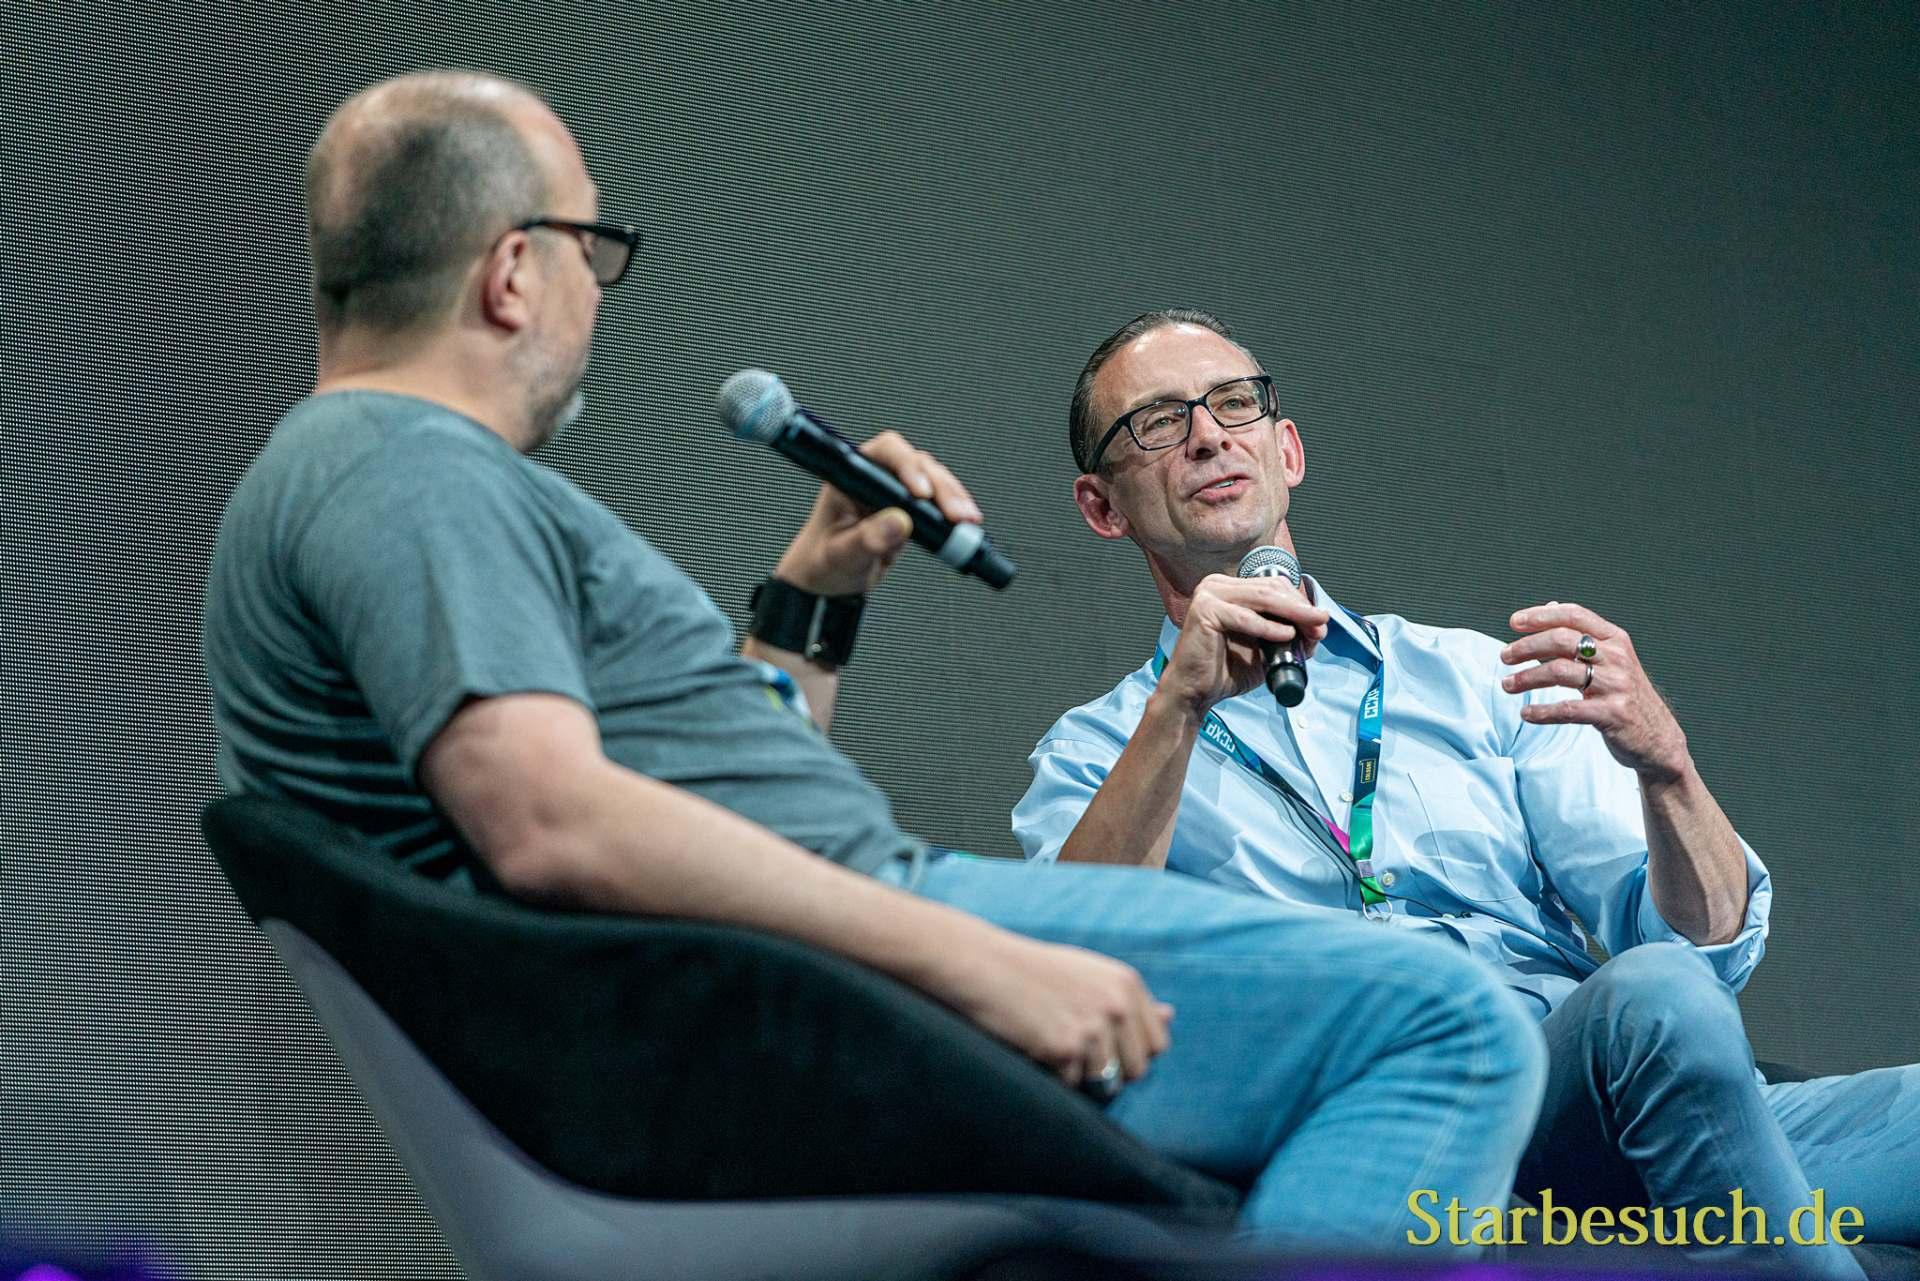 COLOGNE, GERMANY - JUN 28th 2019: Robert Milazzo and Chuck Palahniuk at CCXP Cologne